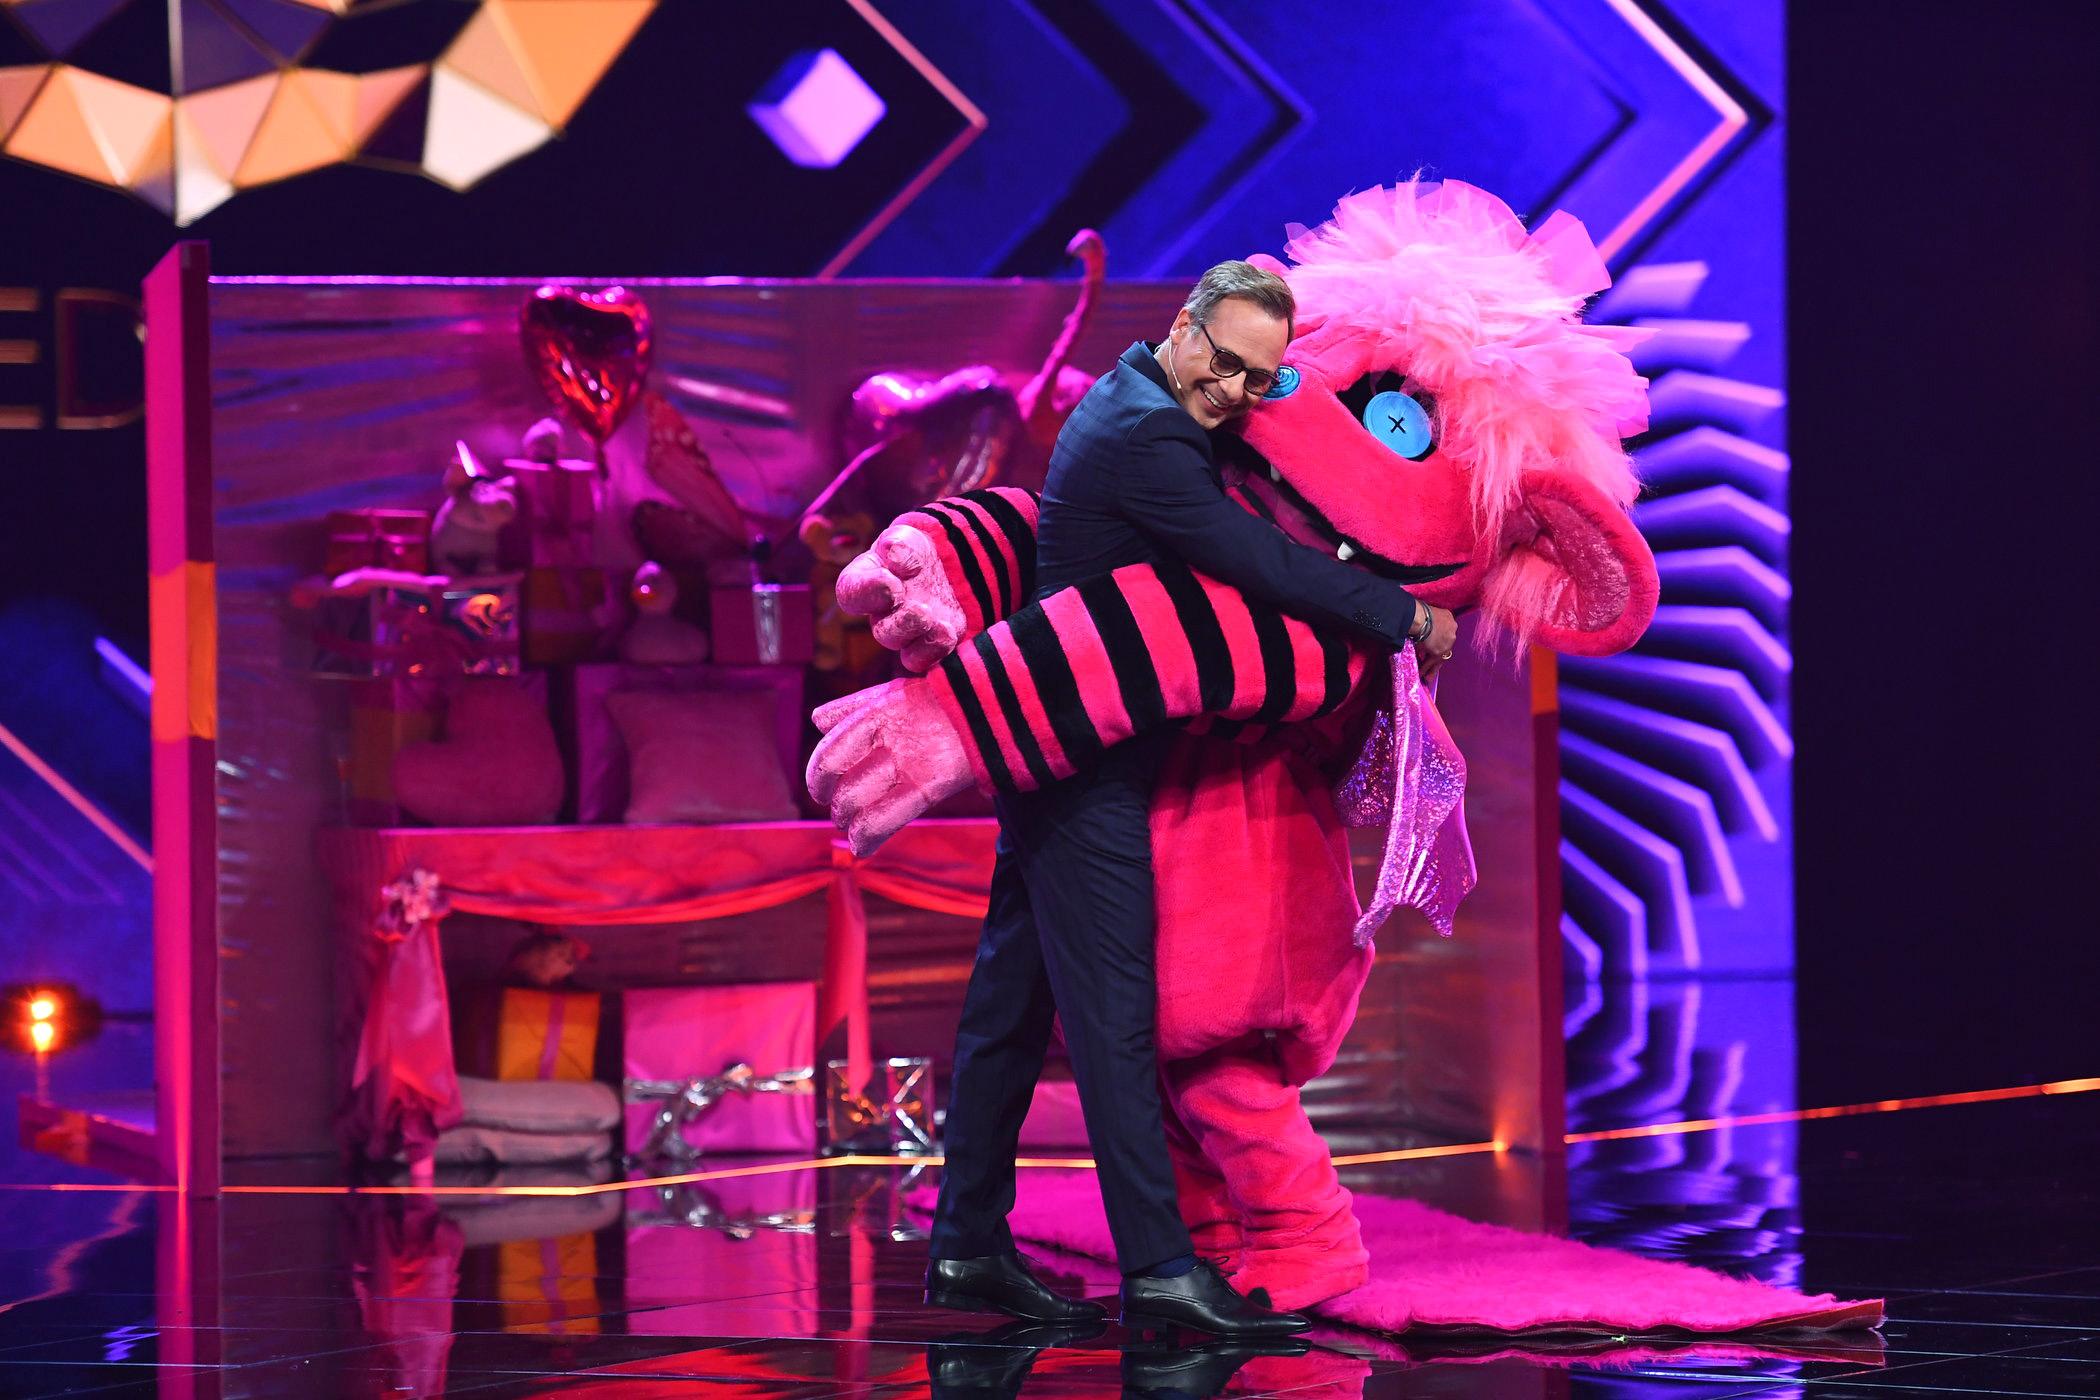 'The Masked Singer' startet am 10. März 2020 die zweite Staffel